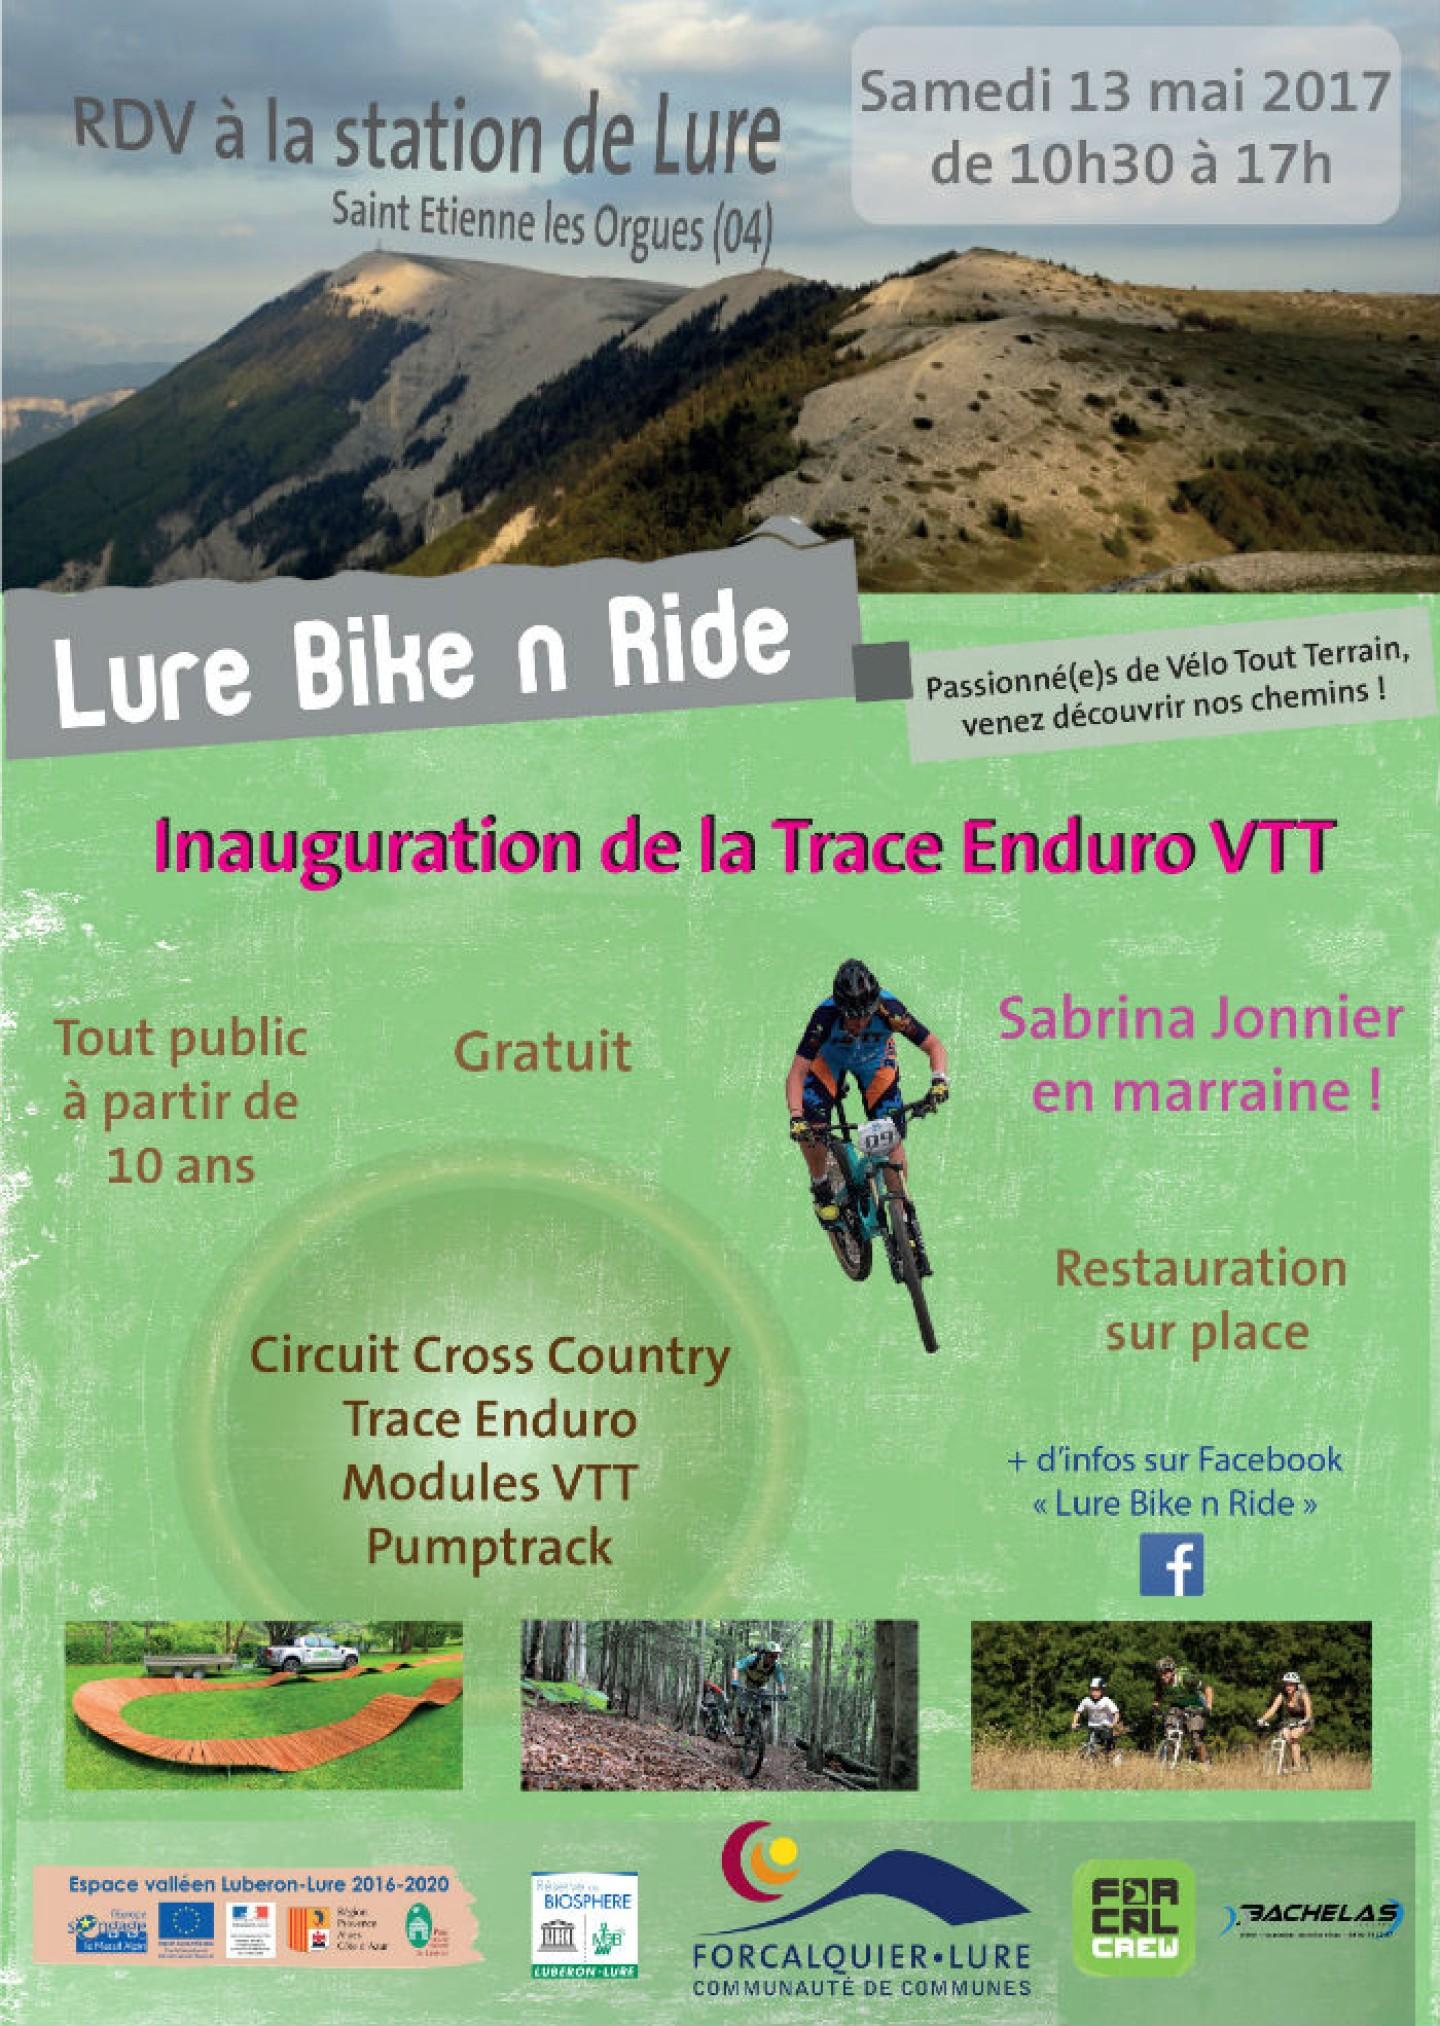 affiche-lure-bike-n-ride-2017